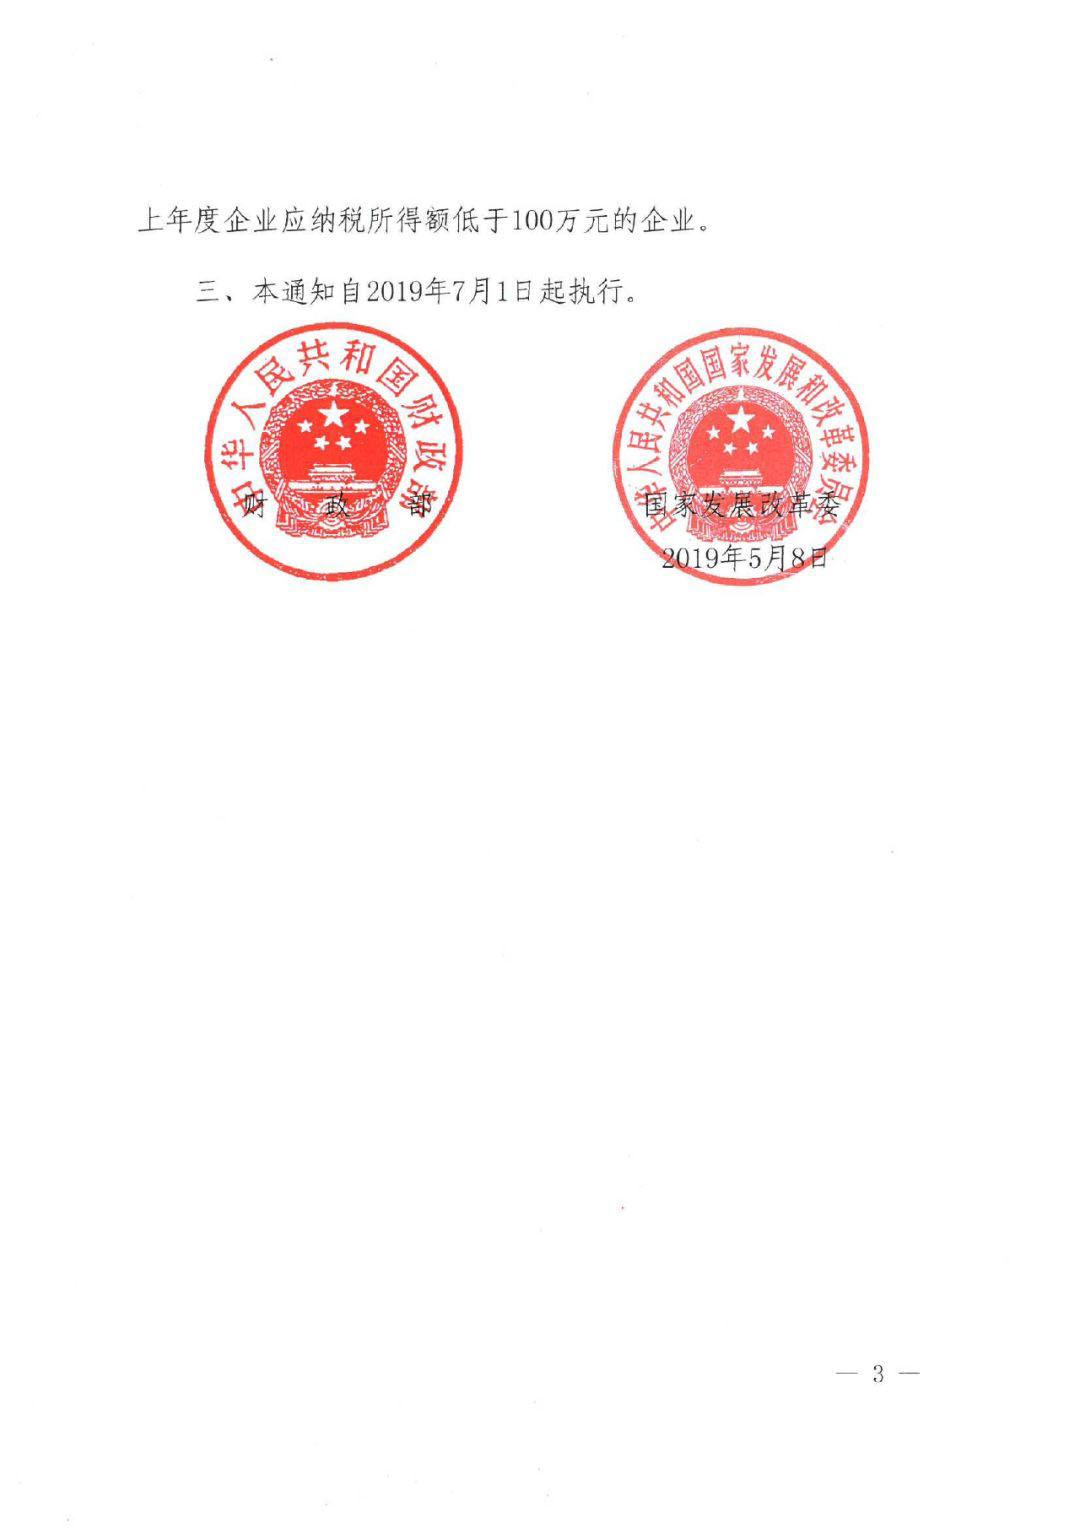 专利费减调整:个人4.5万到6万,单位30万到100万